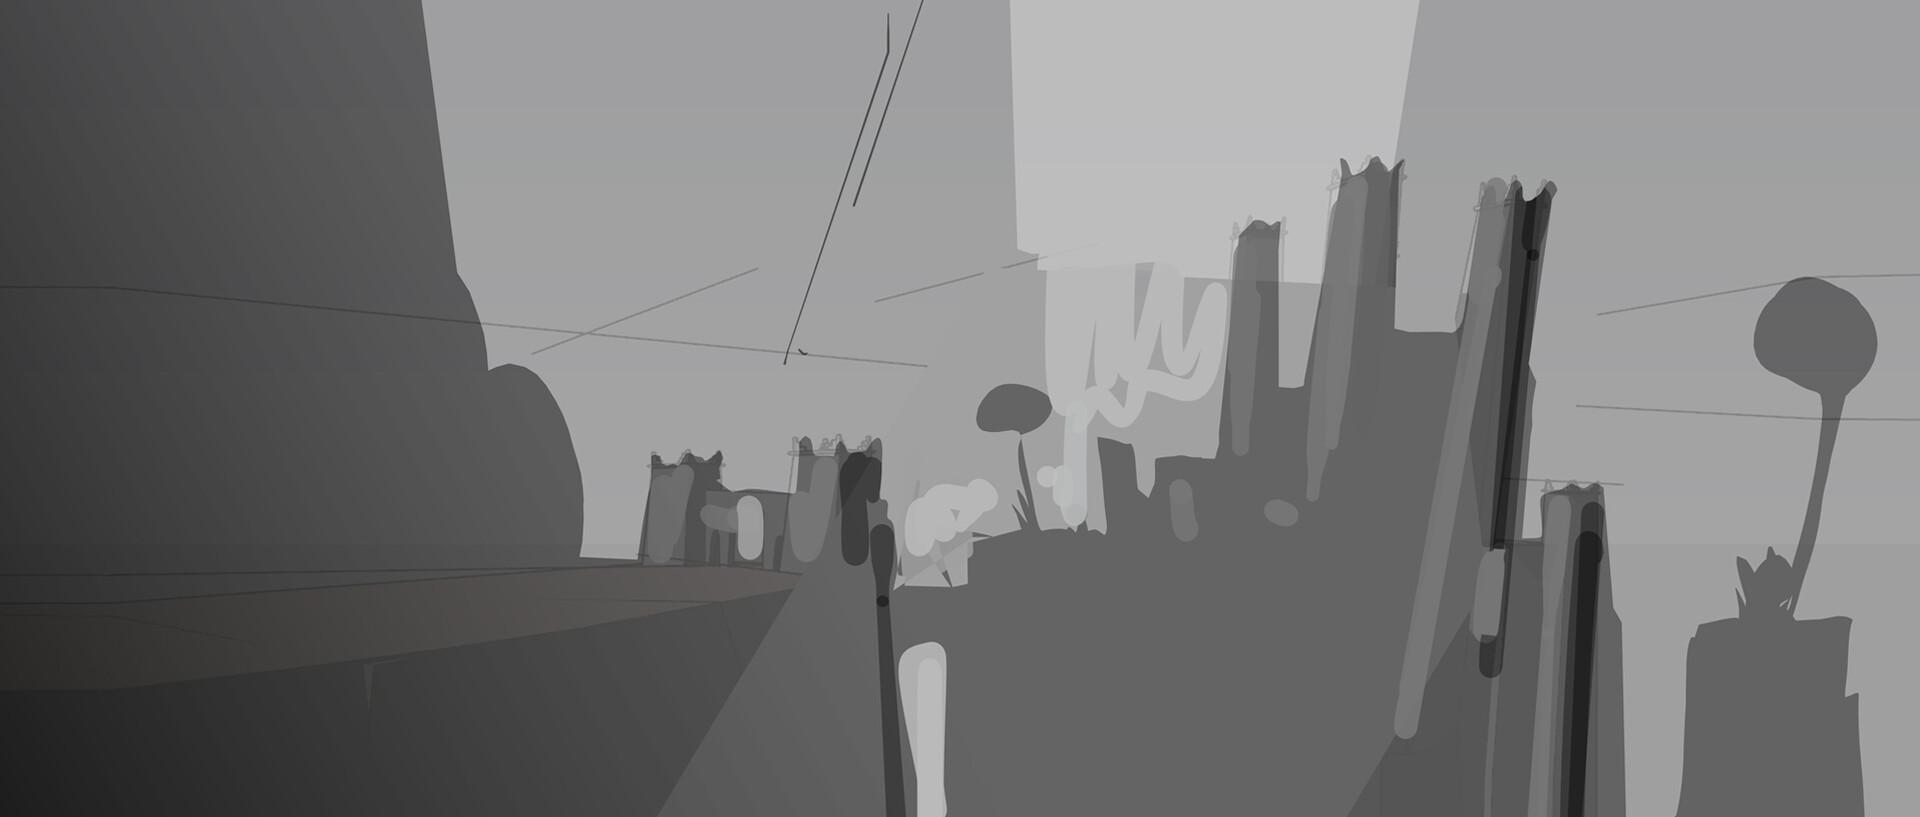 Fabia sans kasbah exploration 03